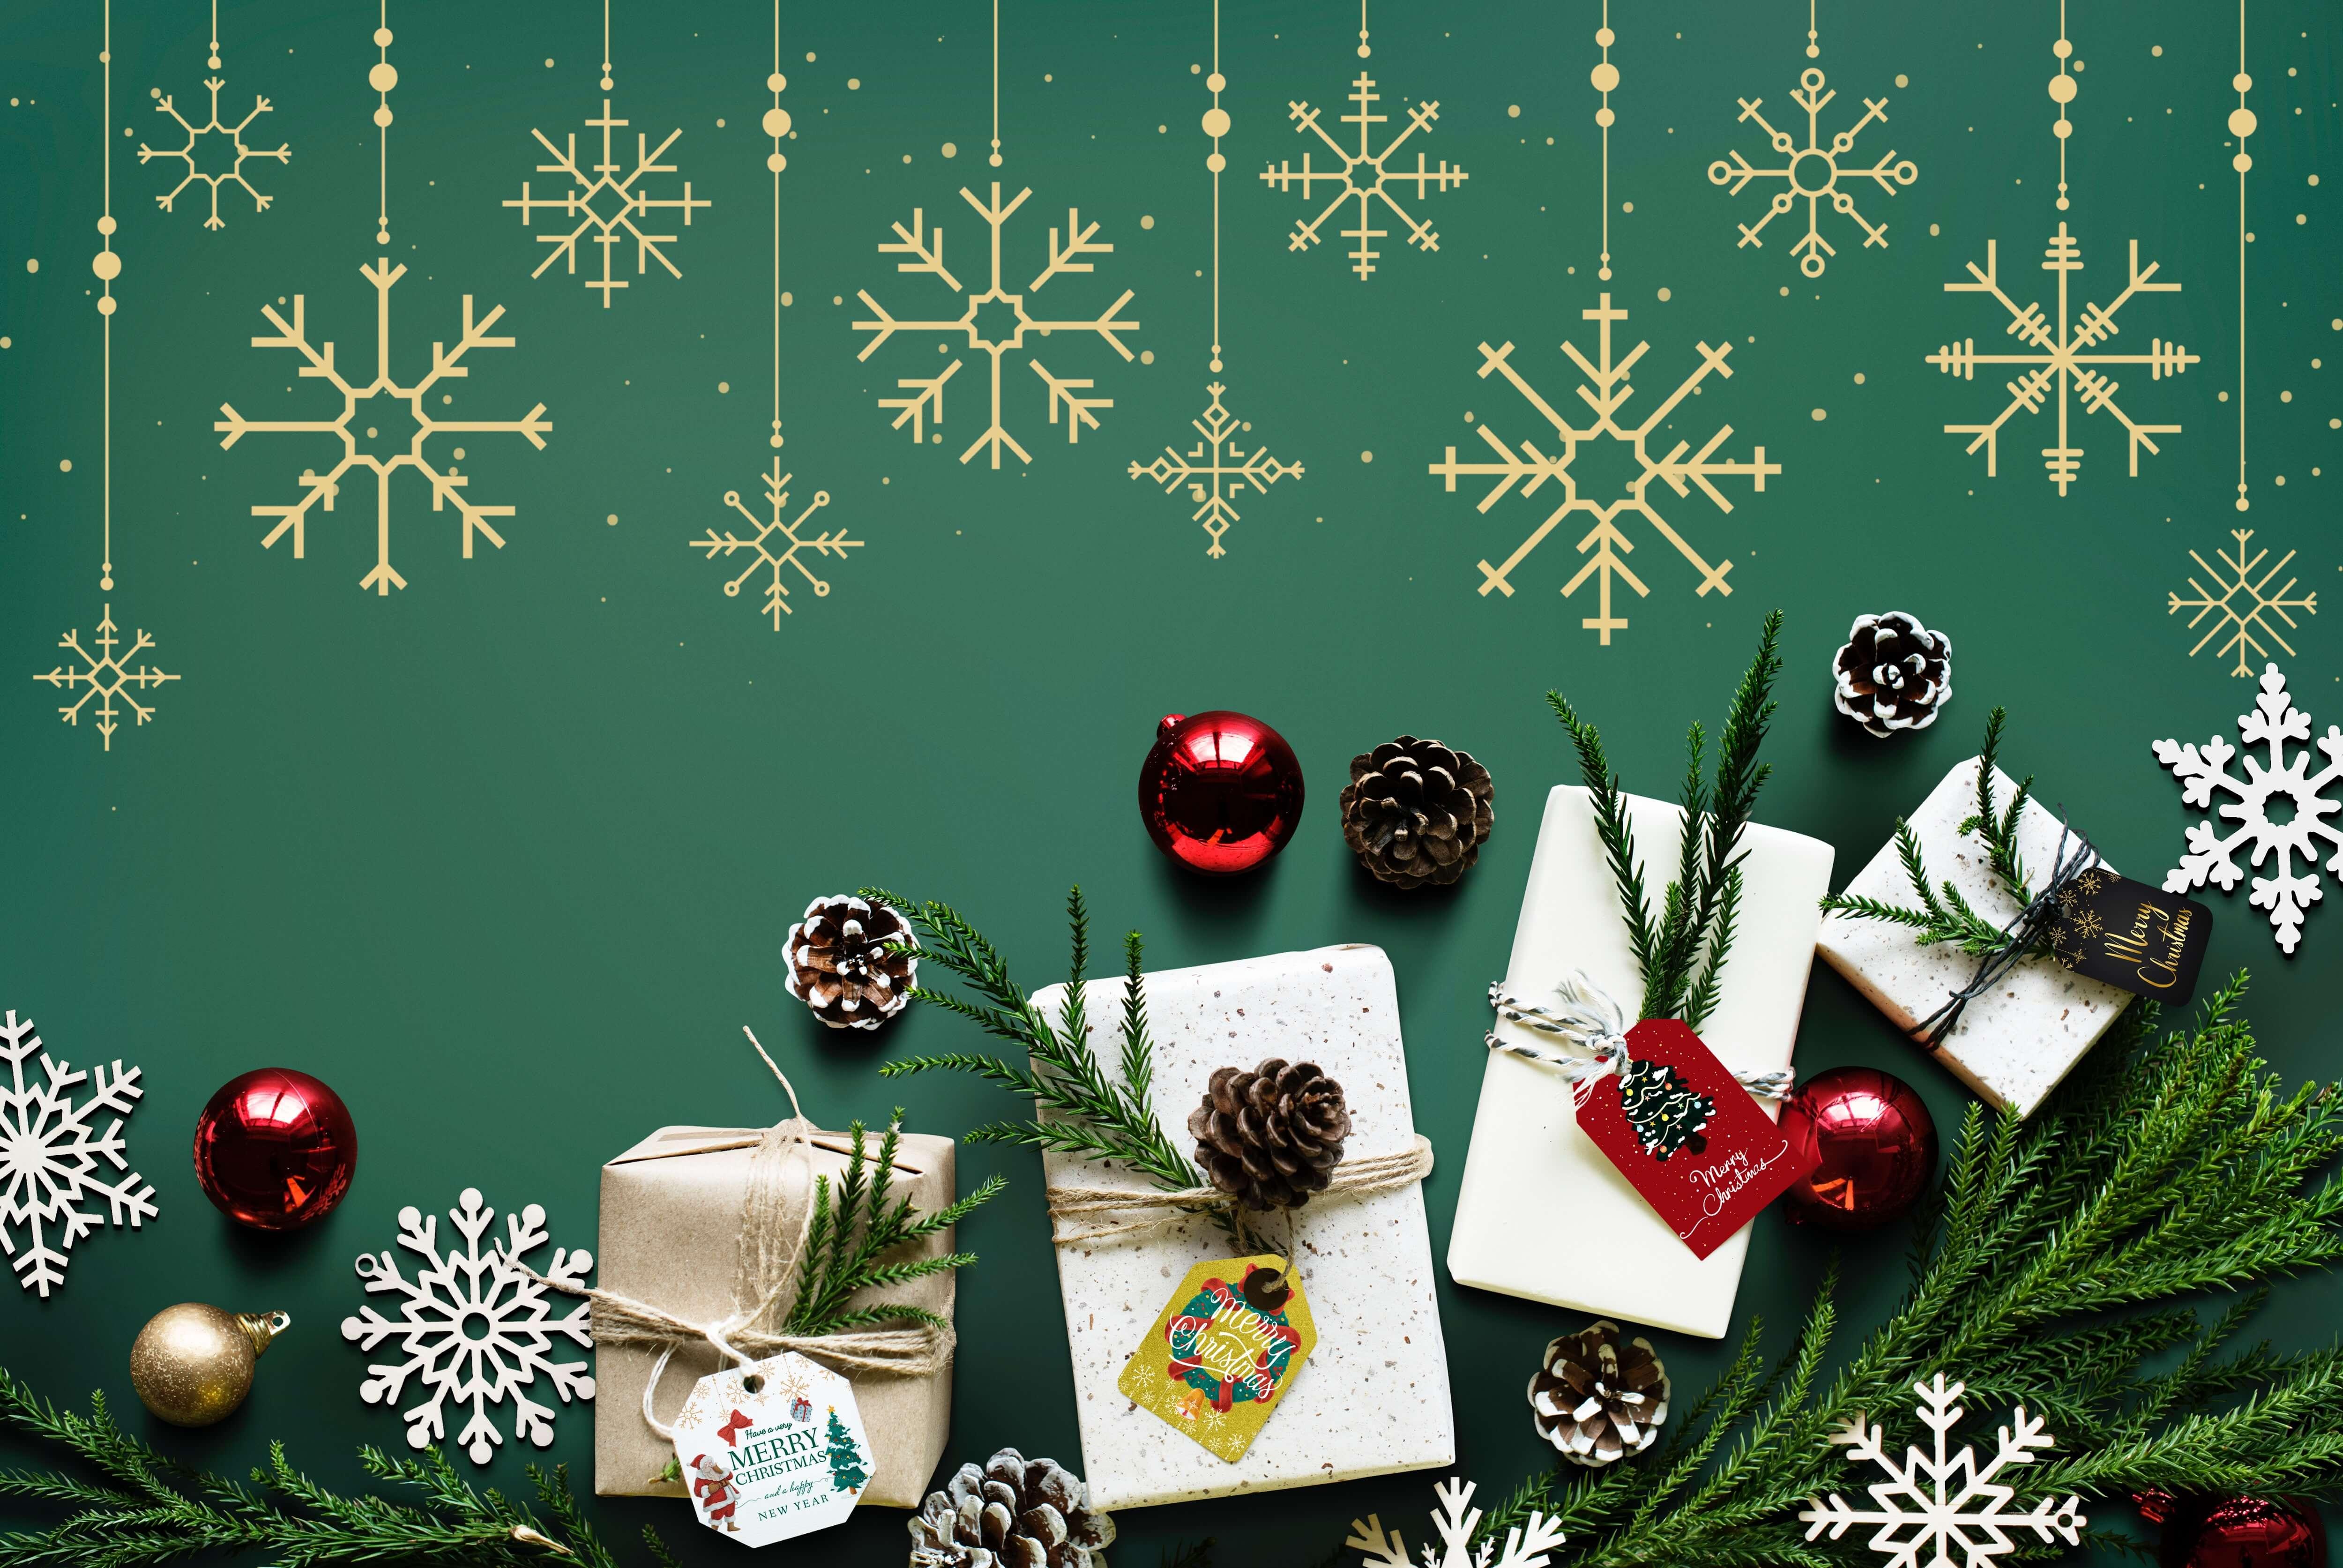 Christmas Gifting Ideas